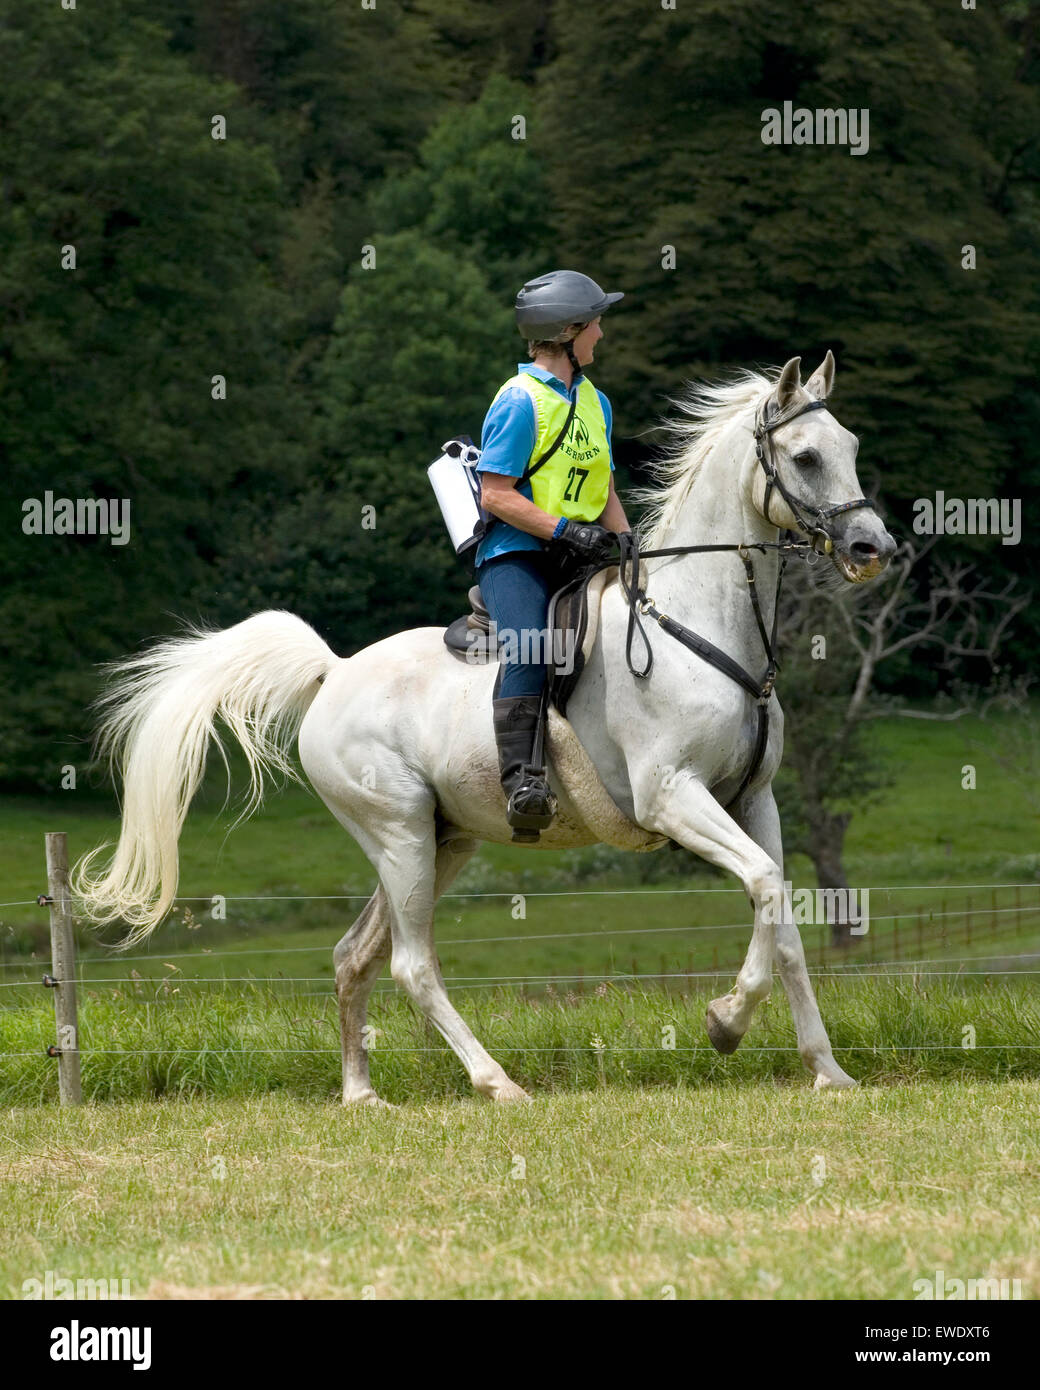 Endurance jinete en caballo árabe Imagen De Stock